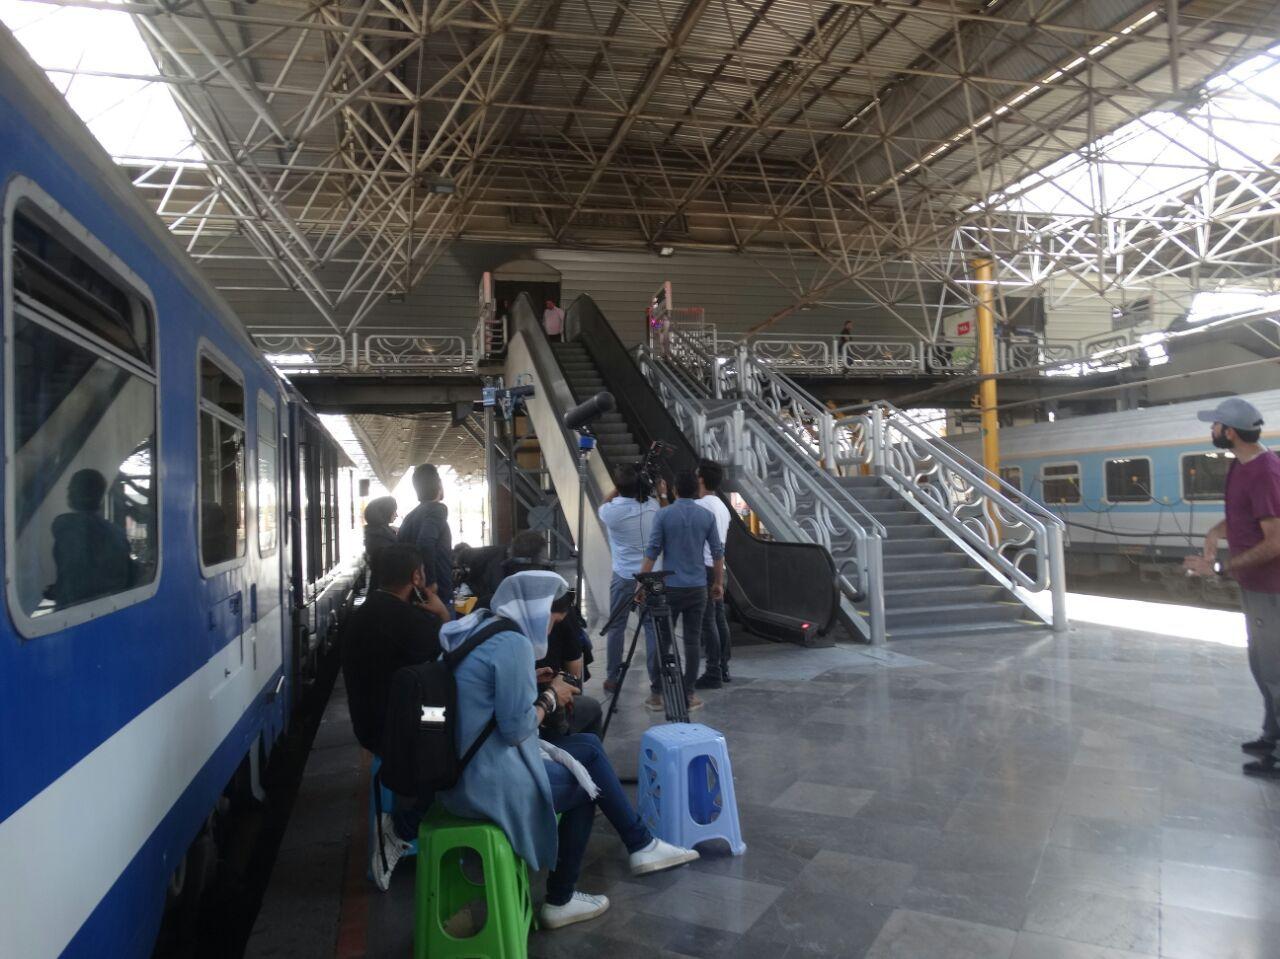 فیلم سینمایی «آخرین ایستگاه» در مراحل فیلمبرداری در ایستگاه راه آهن تهران